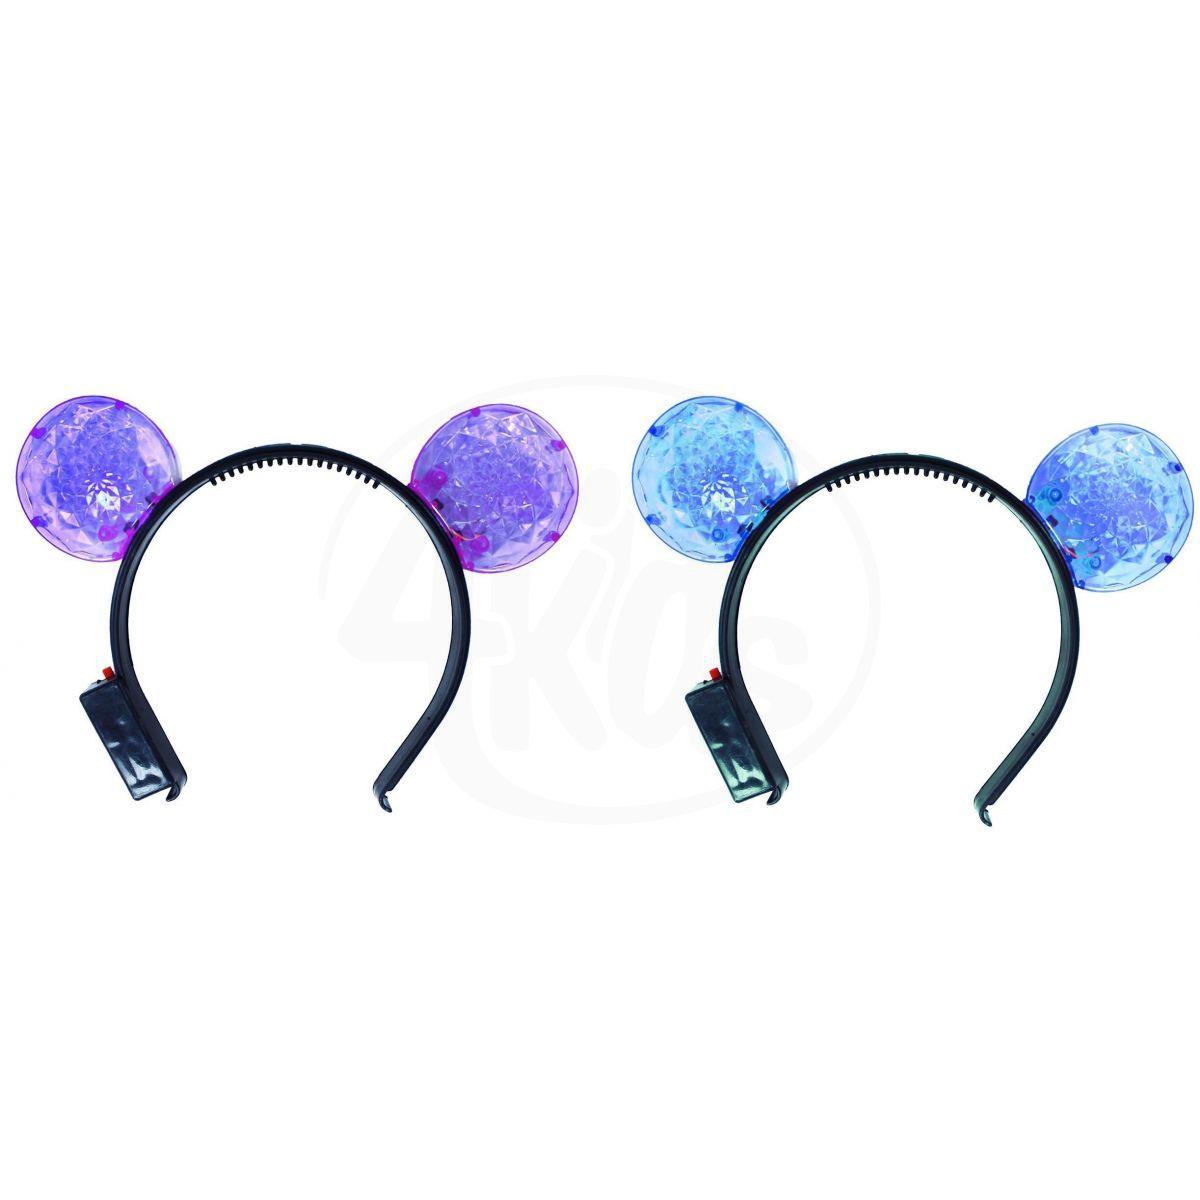 Rappa Čelenka svítící uši - fialové d241d9335c